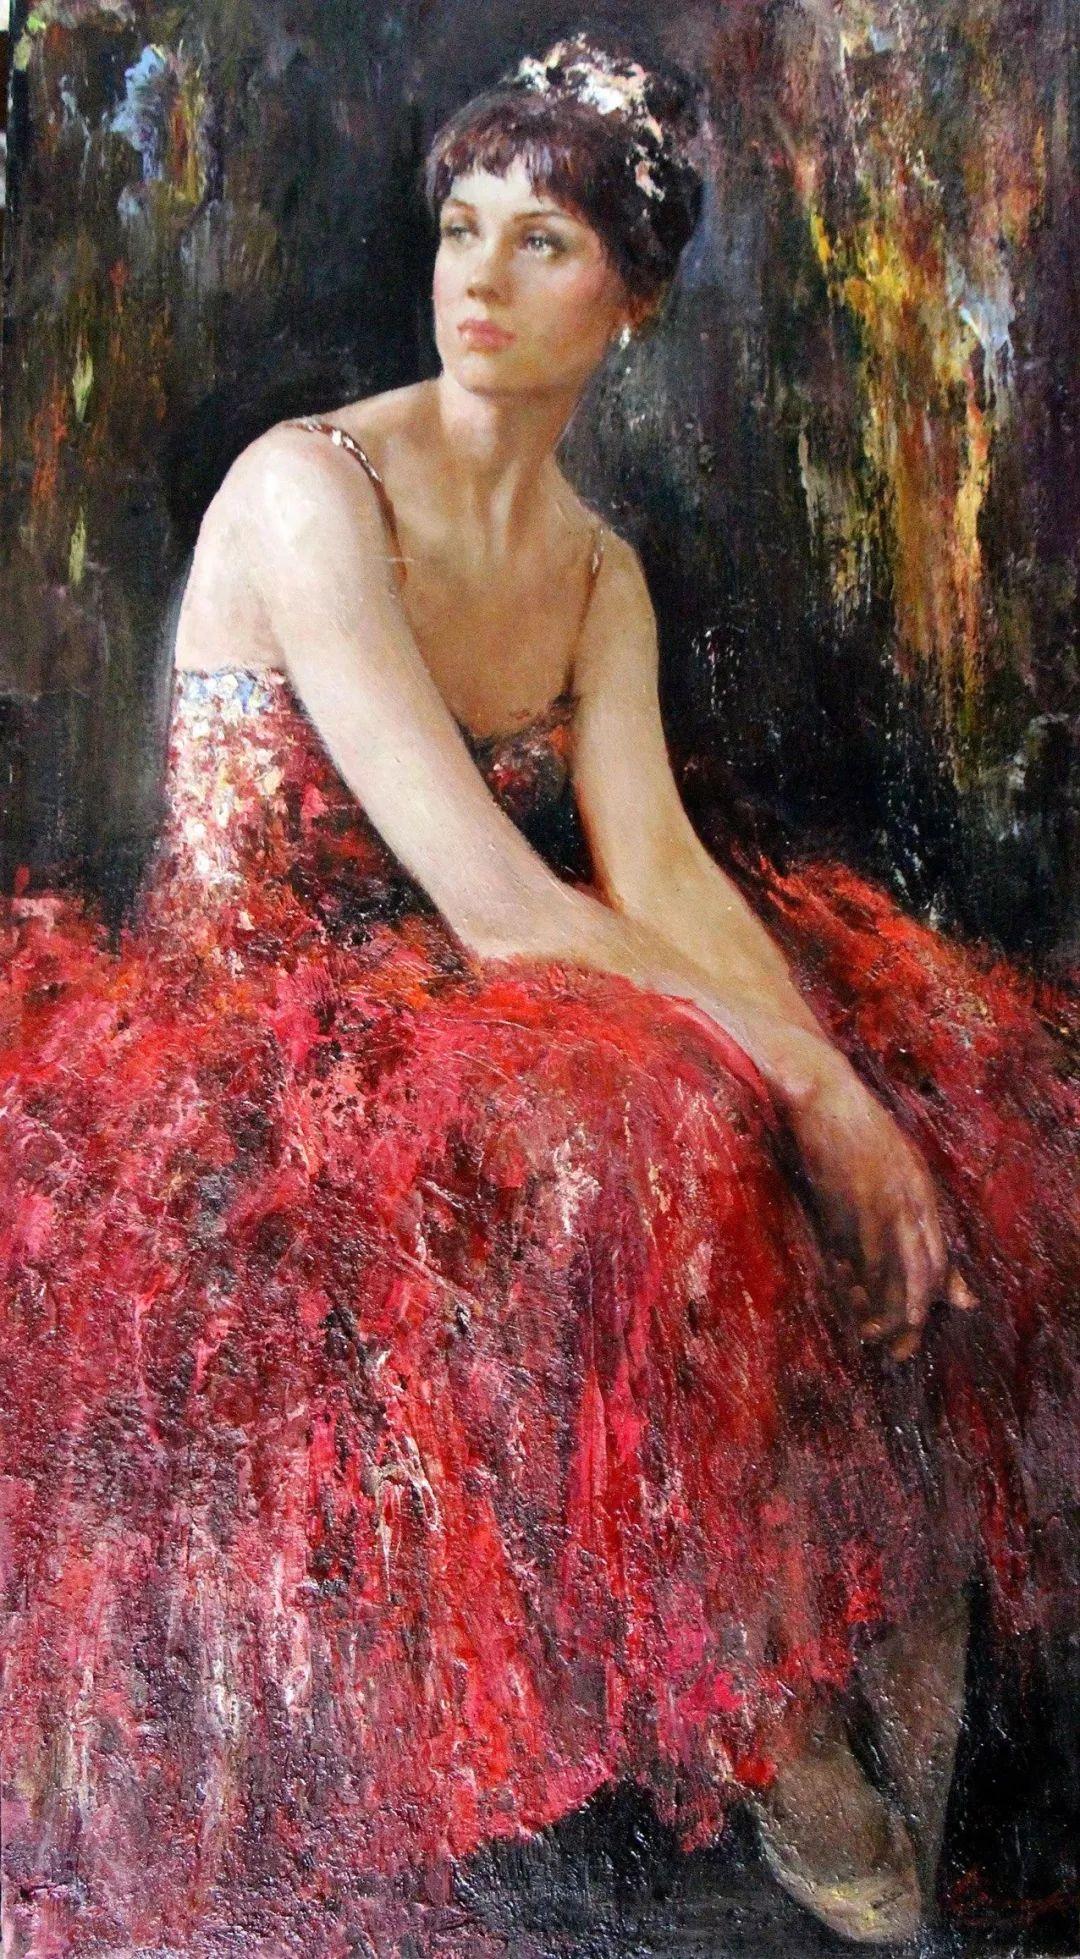 芭蕾舞蹈,俄罗斯女画家安娜·维诺加拉多娃插图21